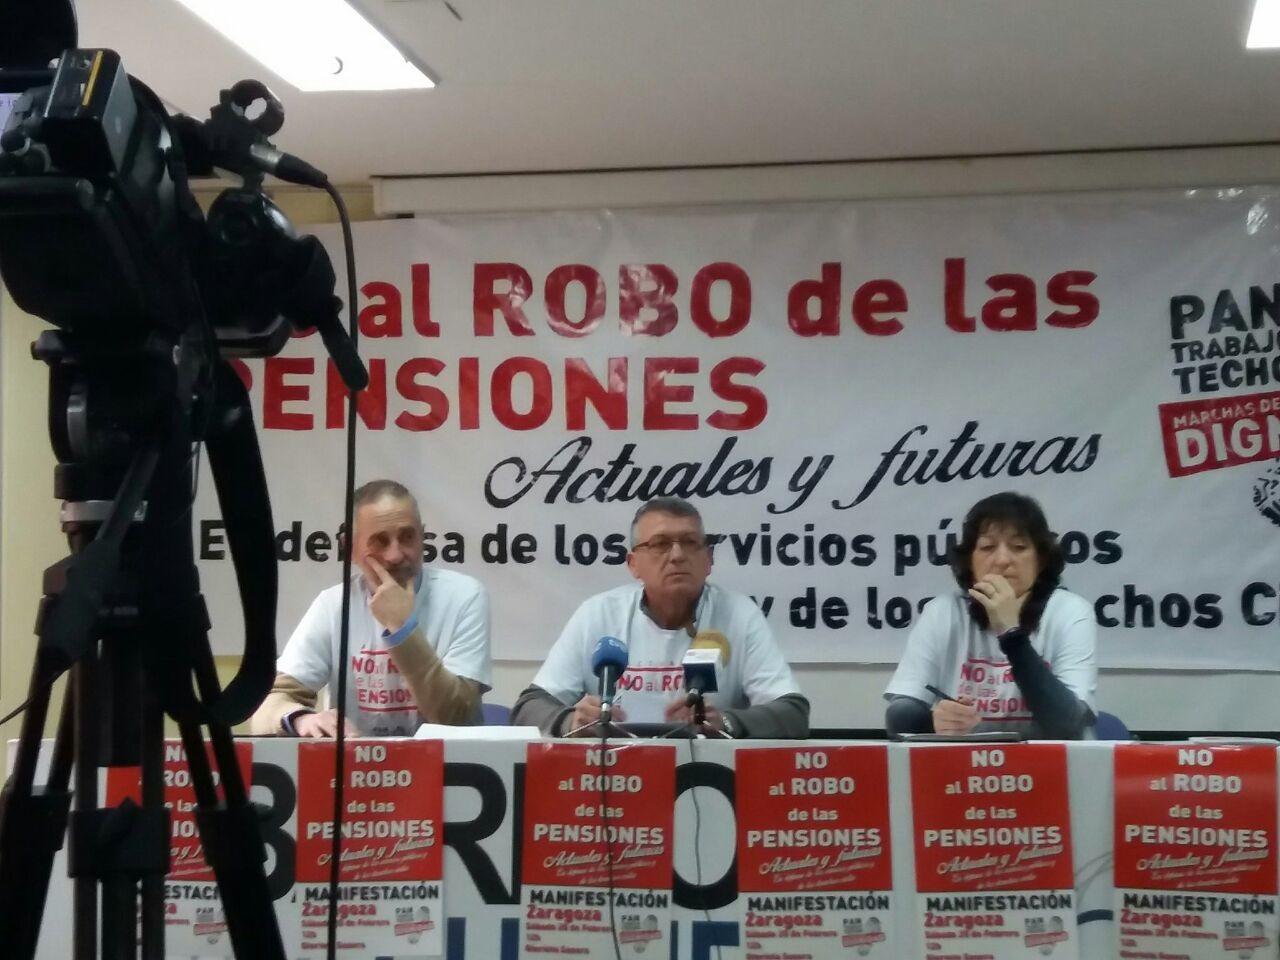 25F, Nota y rueda de prensa. ¡¡Volvemos a las calles el 25F!! NO al ROBO de las PENSIONES, actuales y futuras.